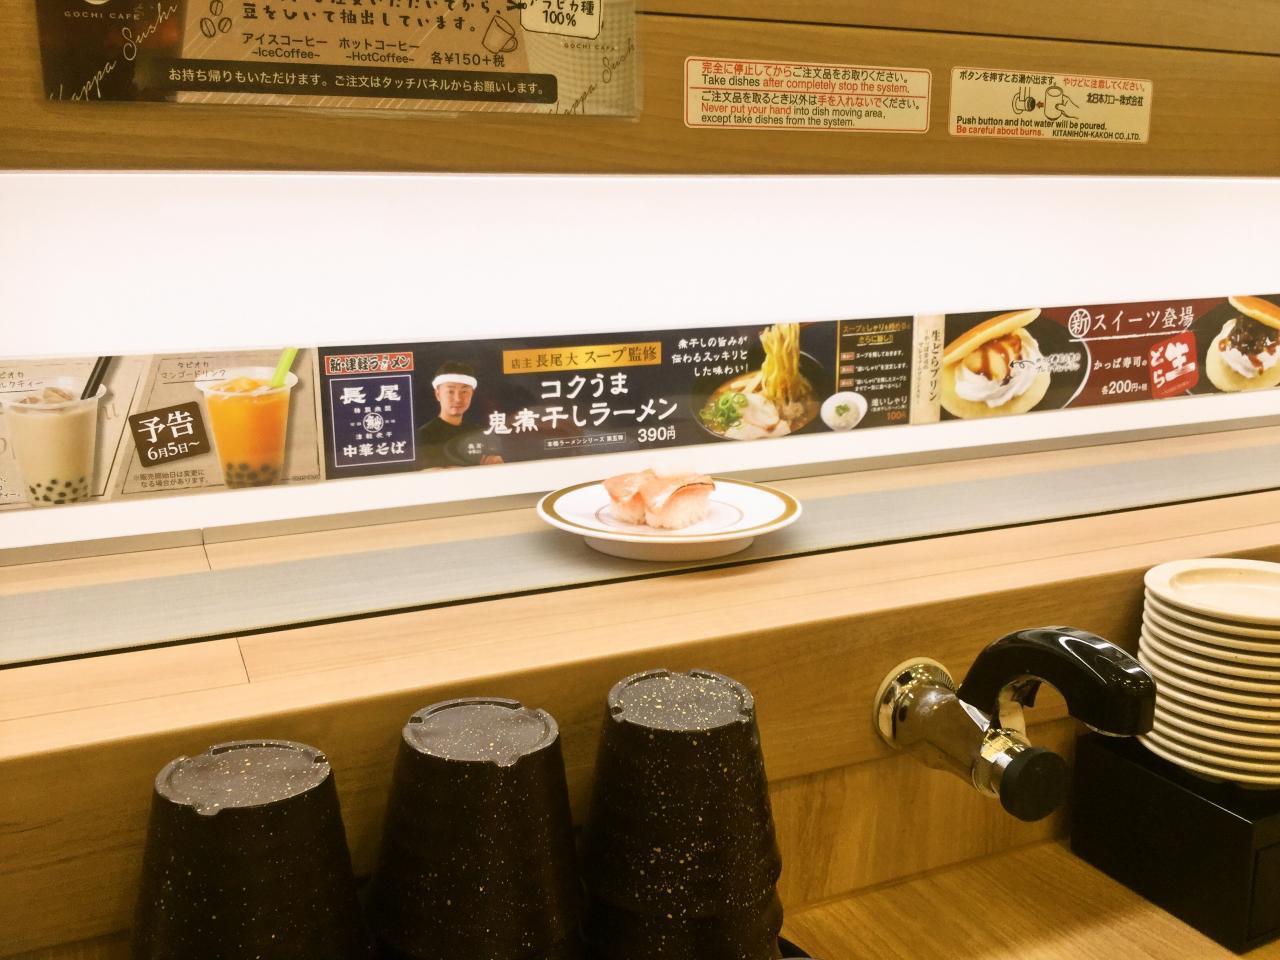 かっぱ寿司 川崎市ノ坪店(レーン)